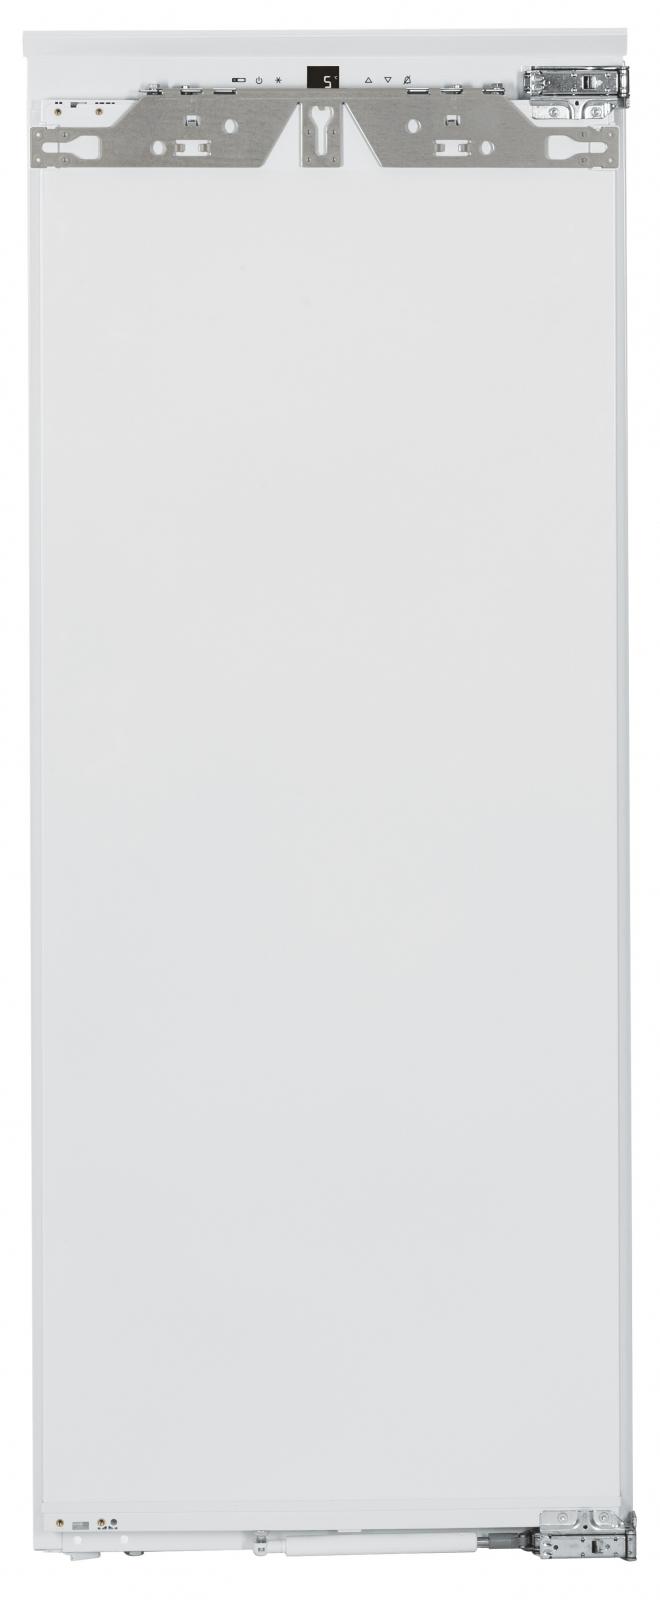 купить Встраиваемый однокамерный холодильник Liebherr IKBP 2760 Украина фото 1